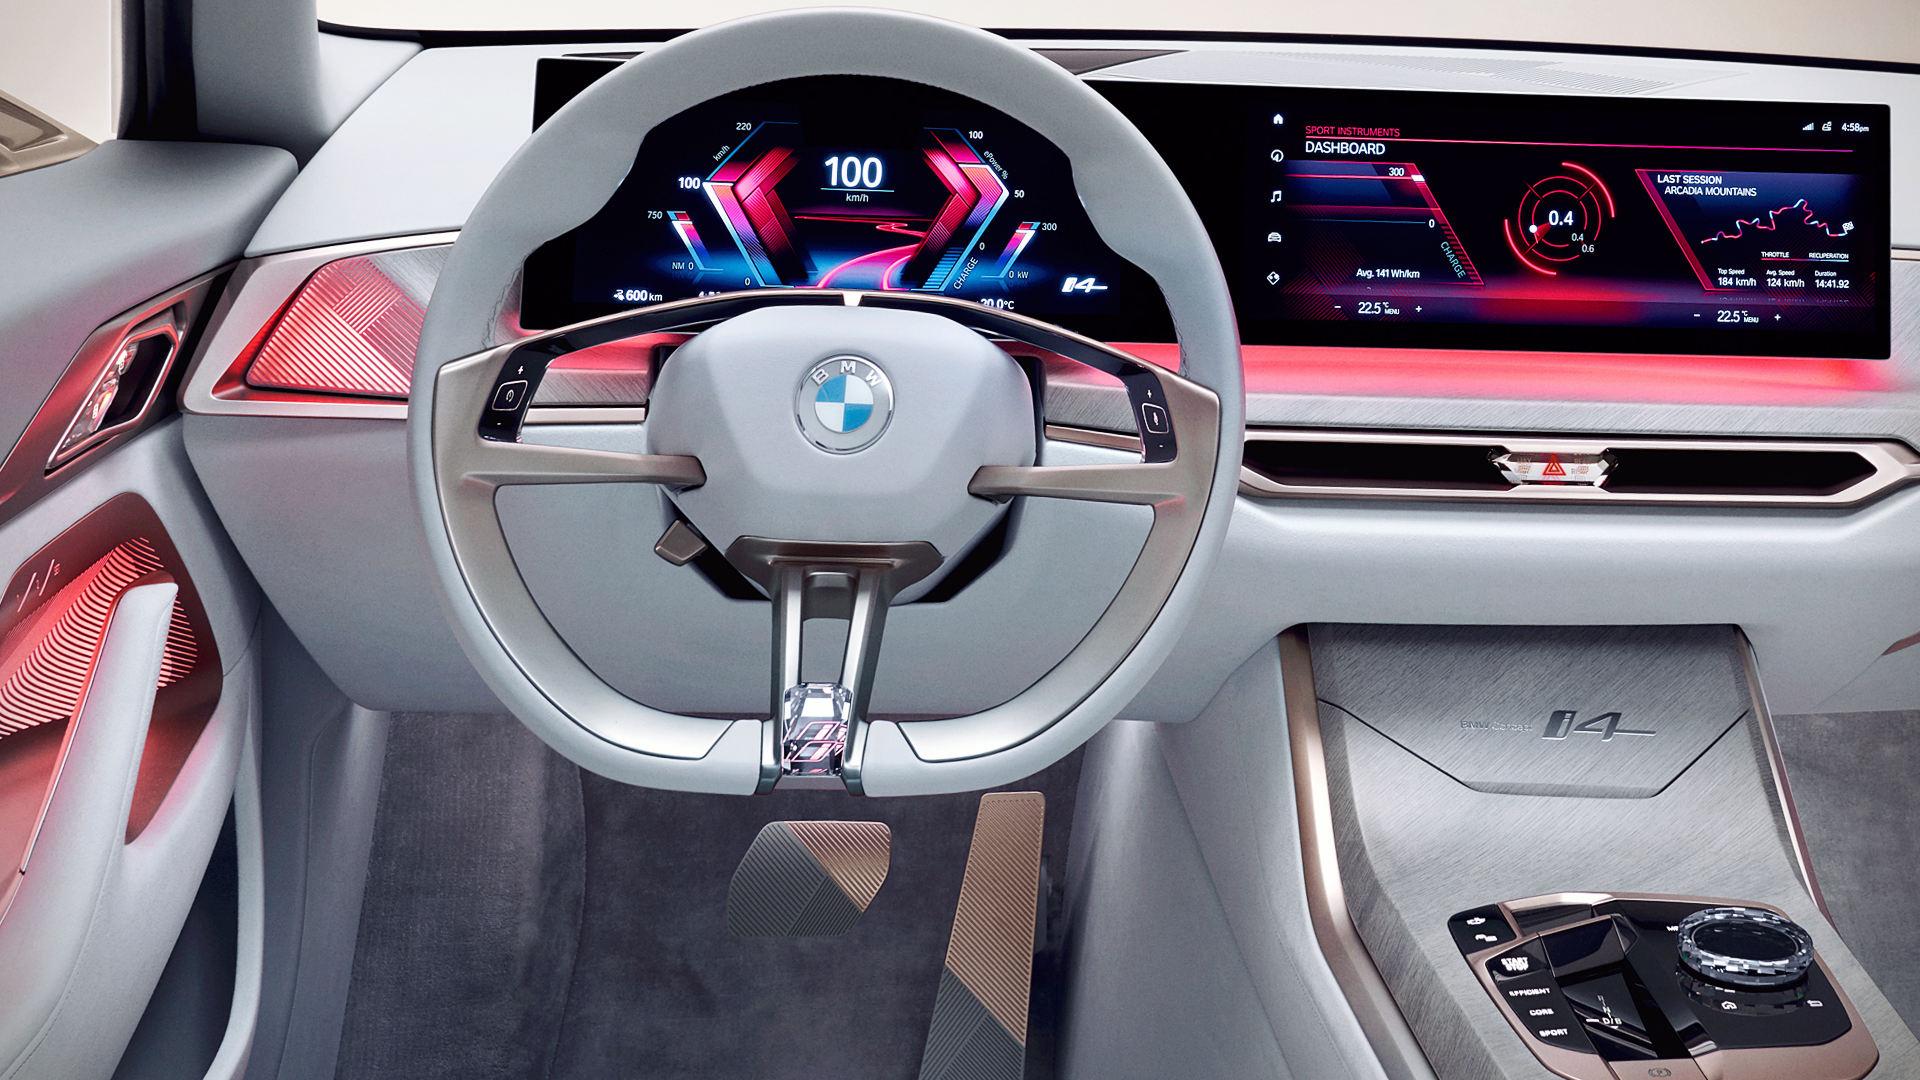 BMW Concept i4 2021 Interior Wallpaper